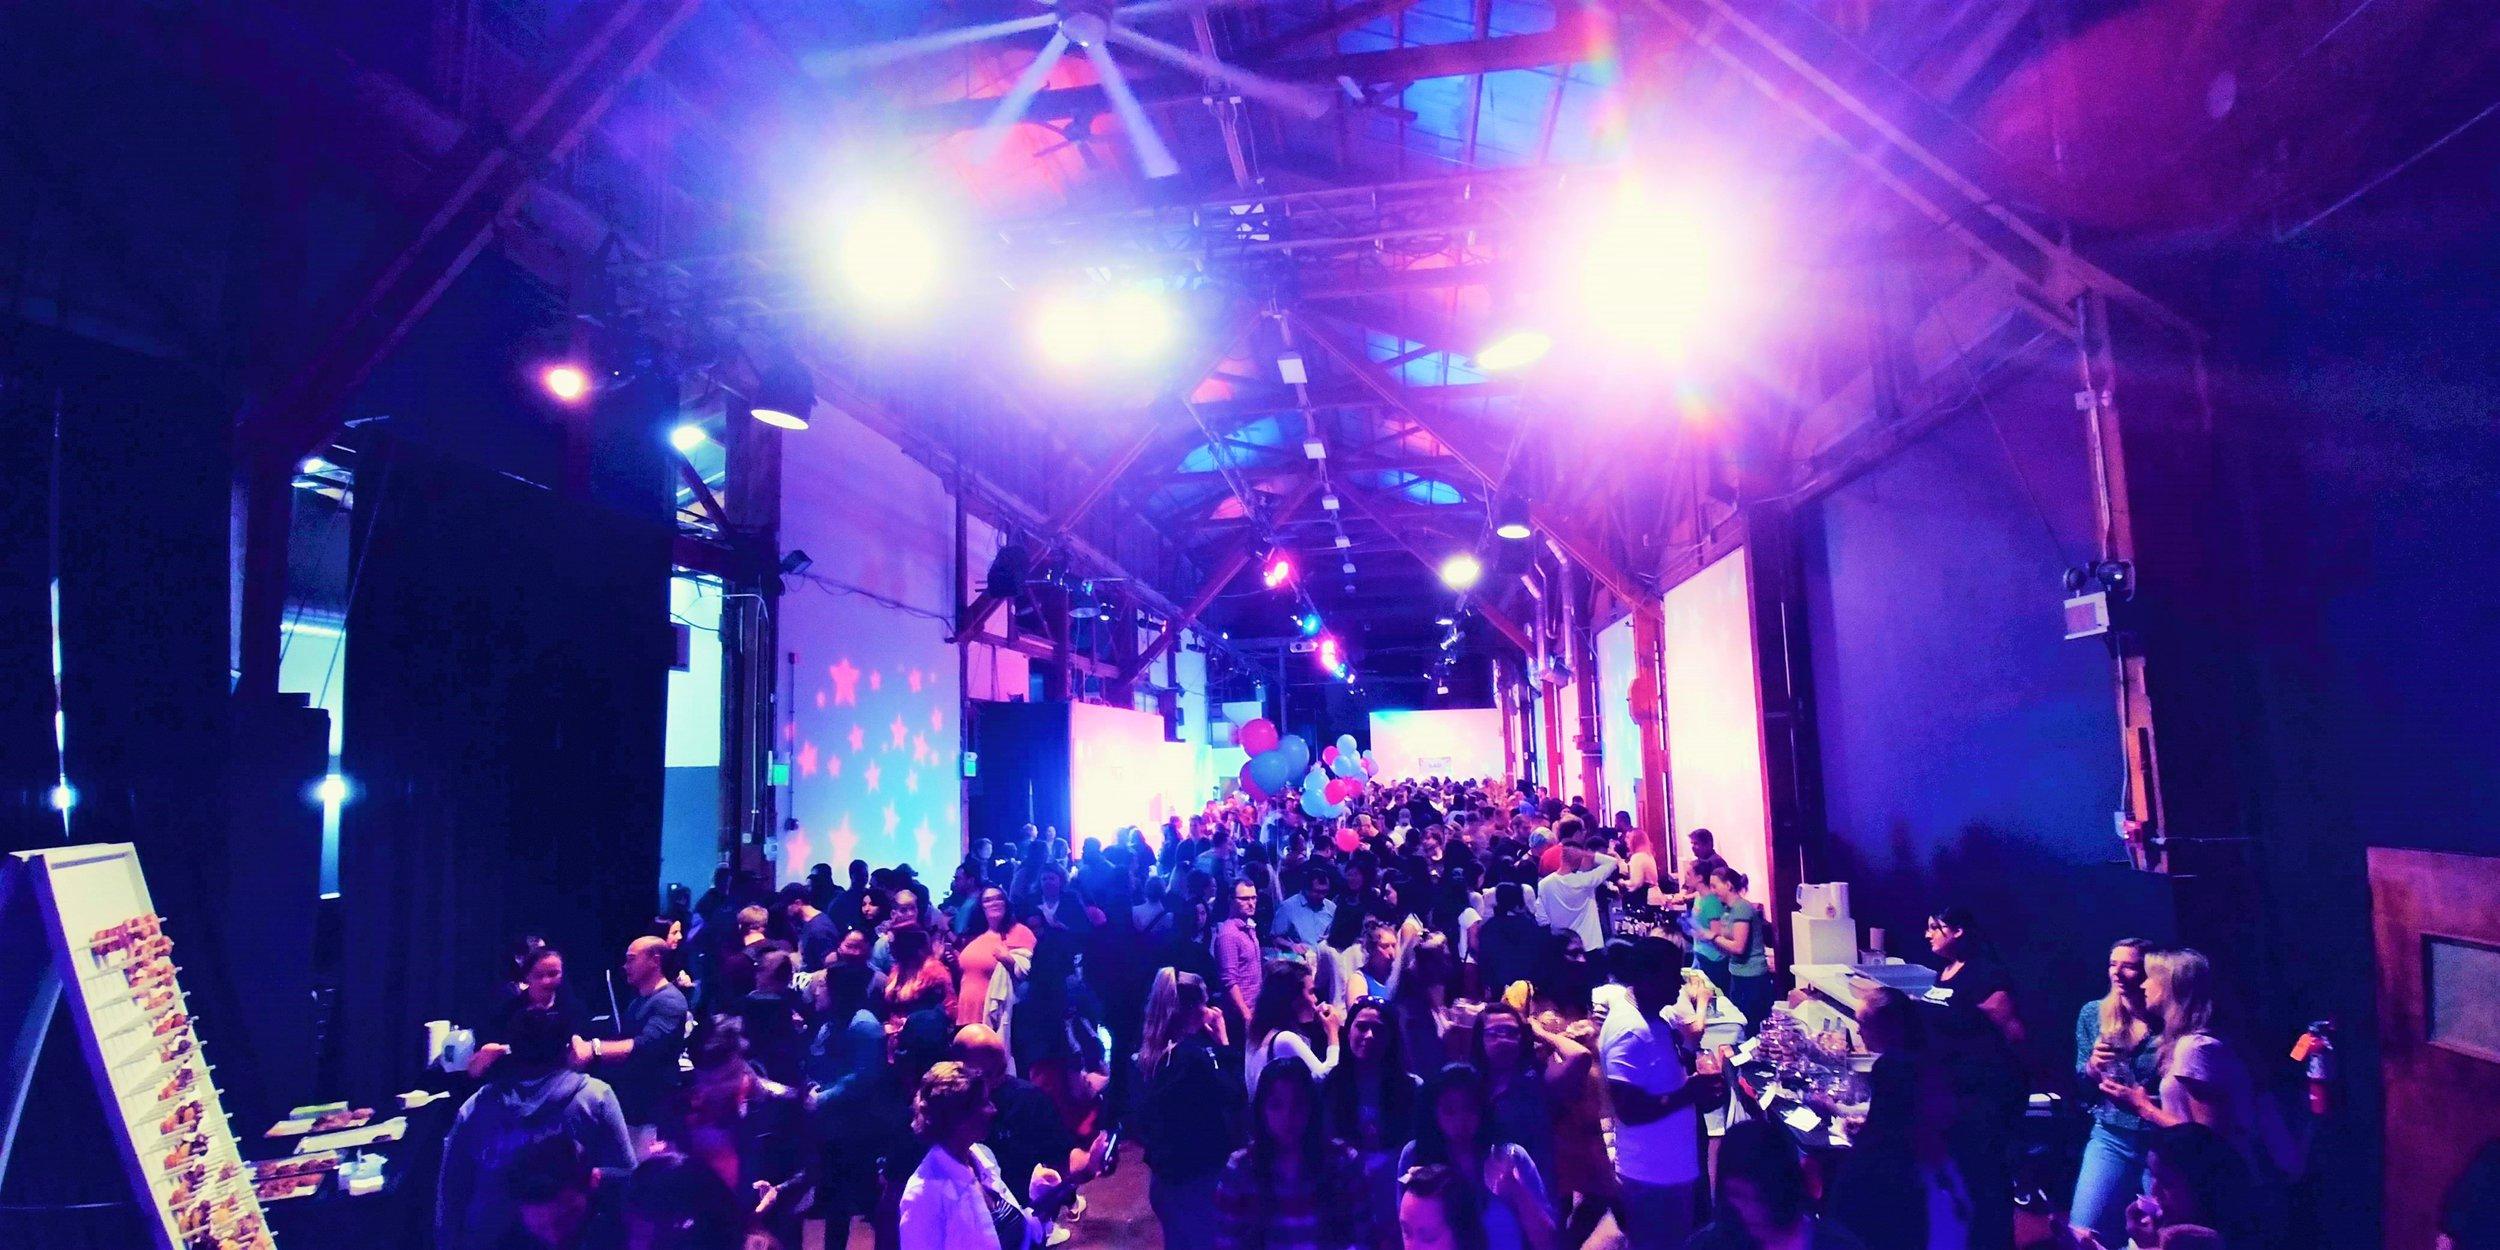 Inside Sweet Spot Fest 2019 at SOMArts Cultural Center. SoMa District, San Francisco, CA